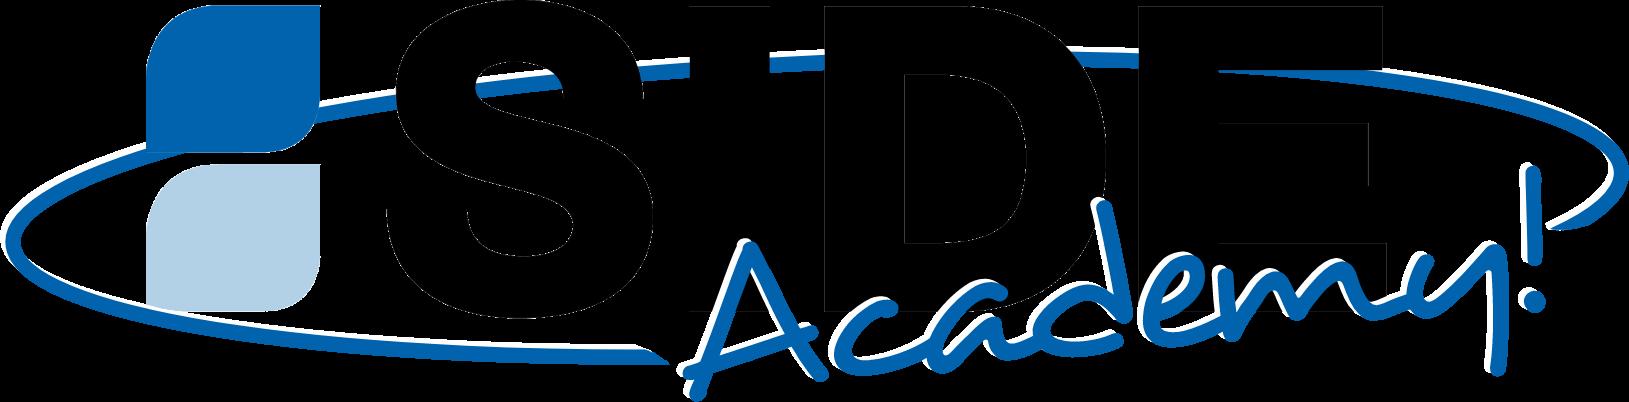 side-academy-cursos-plataforma-online-industria40-transformacion-digital-acceso-remoto-monitorizacion-datos-servicios-nube